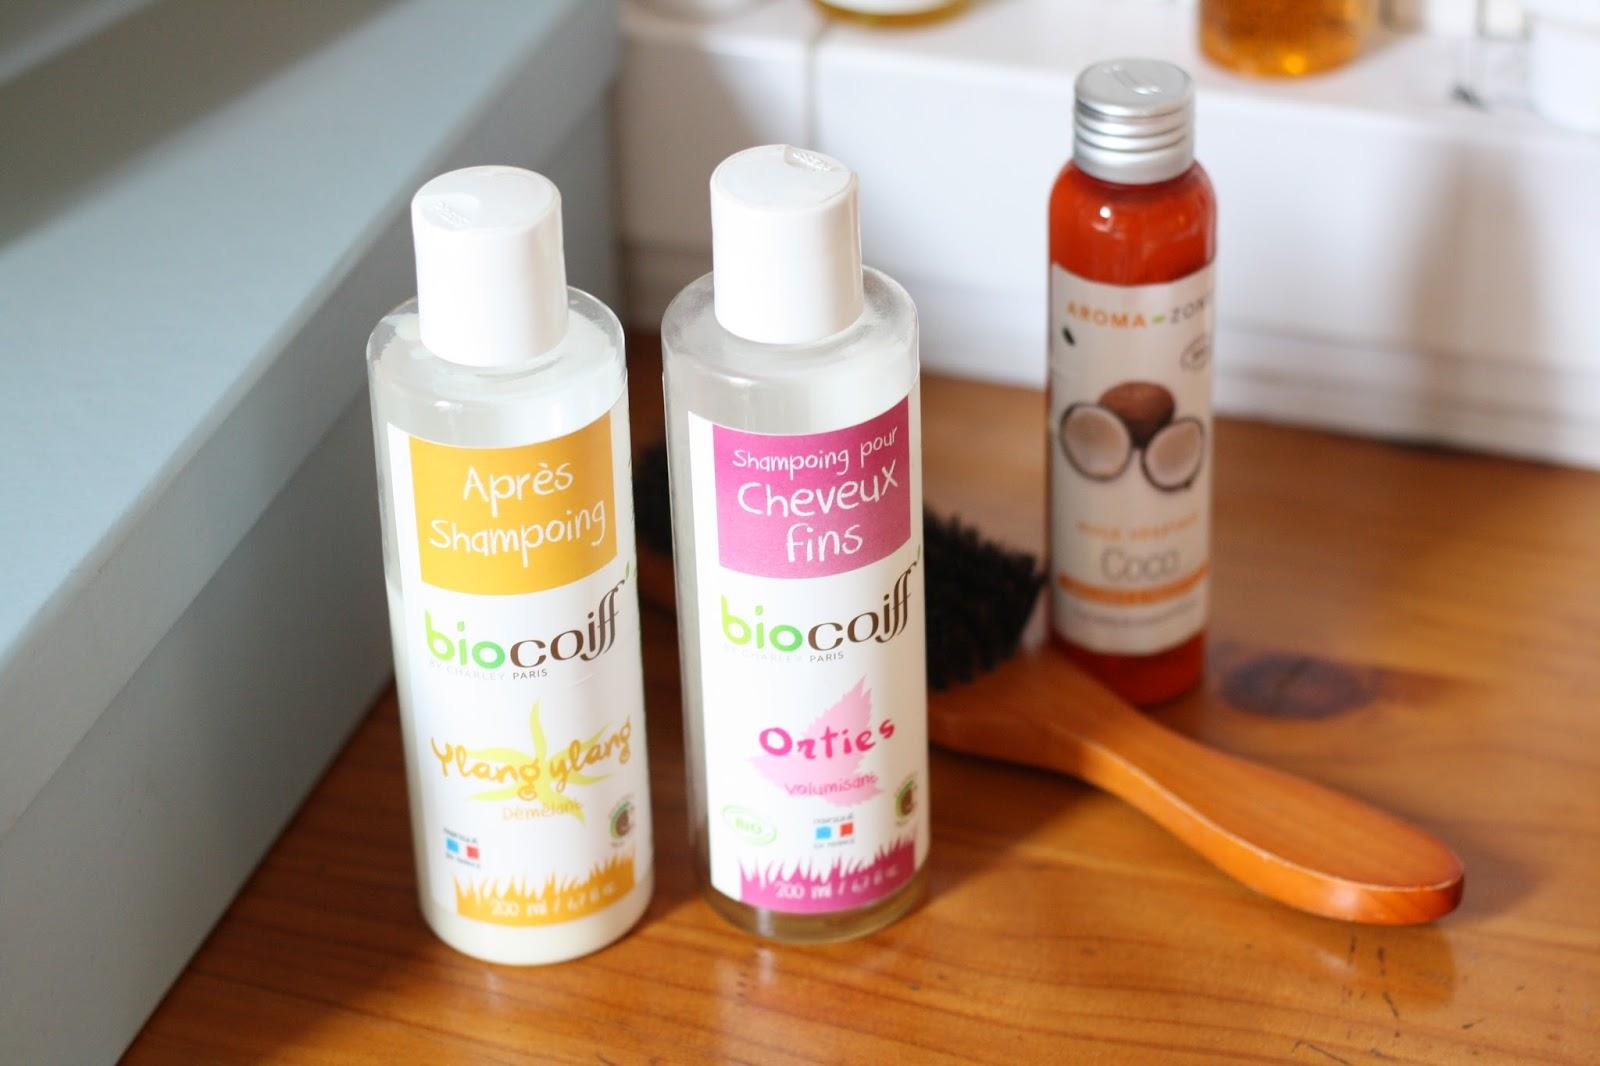 le blog de stella paris j 39 ai test le coiffeur biocoiff et le shampoing bio sans sulfates. Black Bedroom Furniture Sets. Home Design Ideas